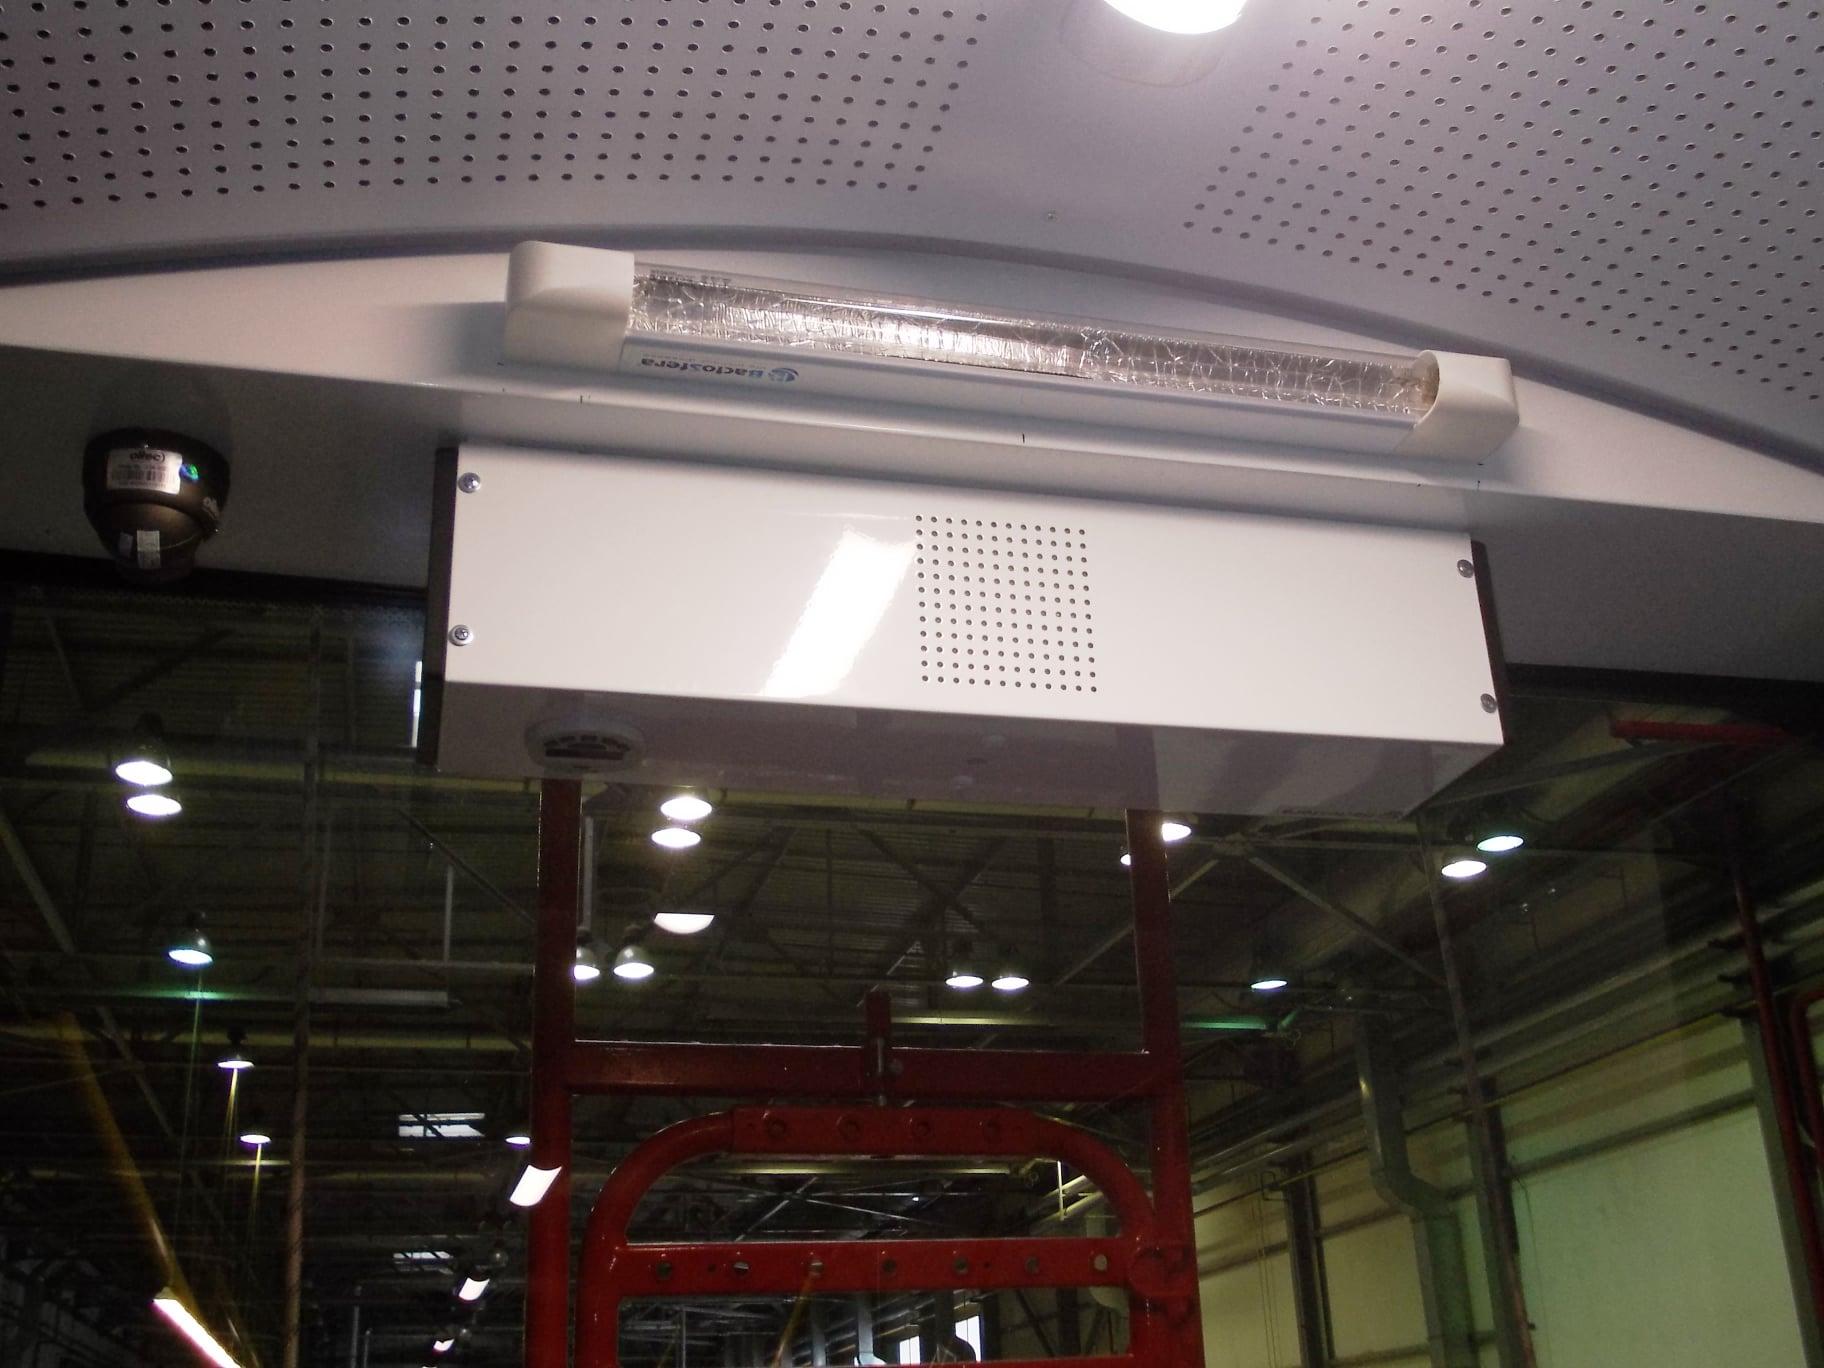 Украинцы создали уникальную систему обеззараживания воздуха в салоне 2